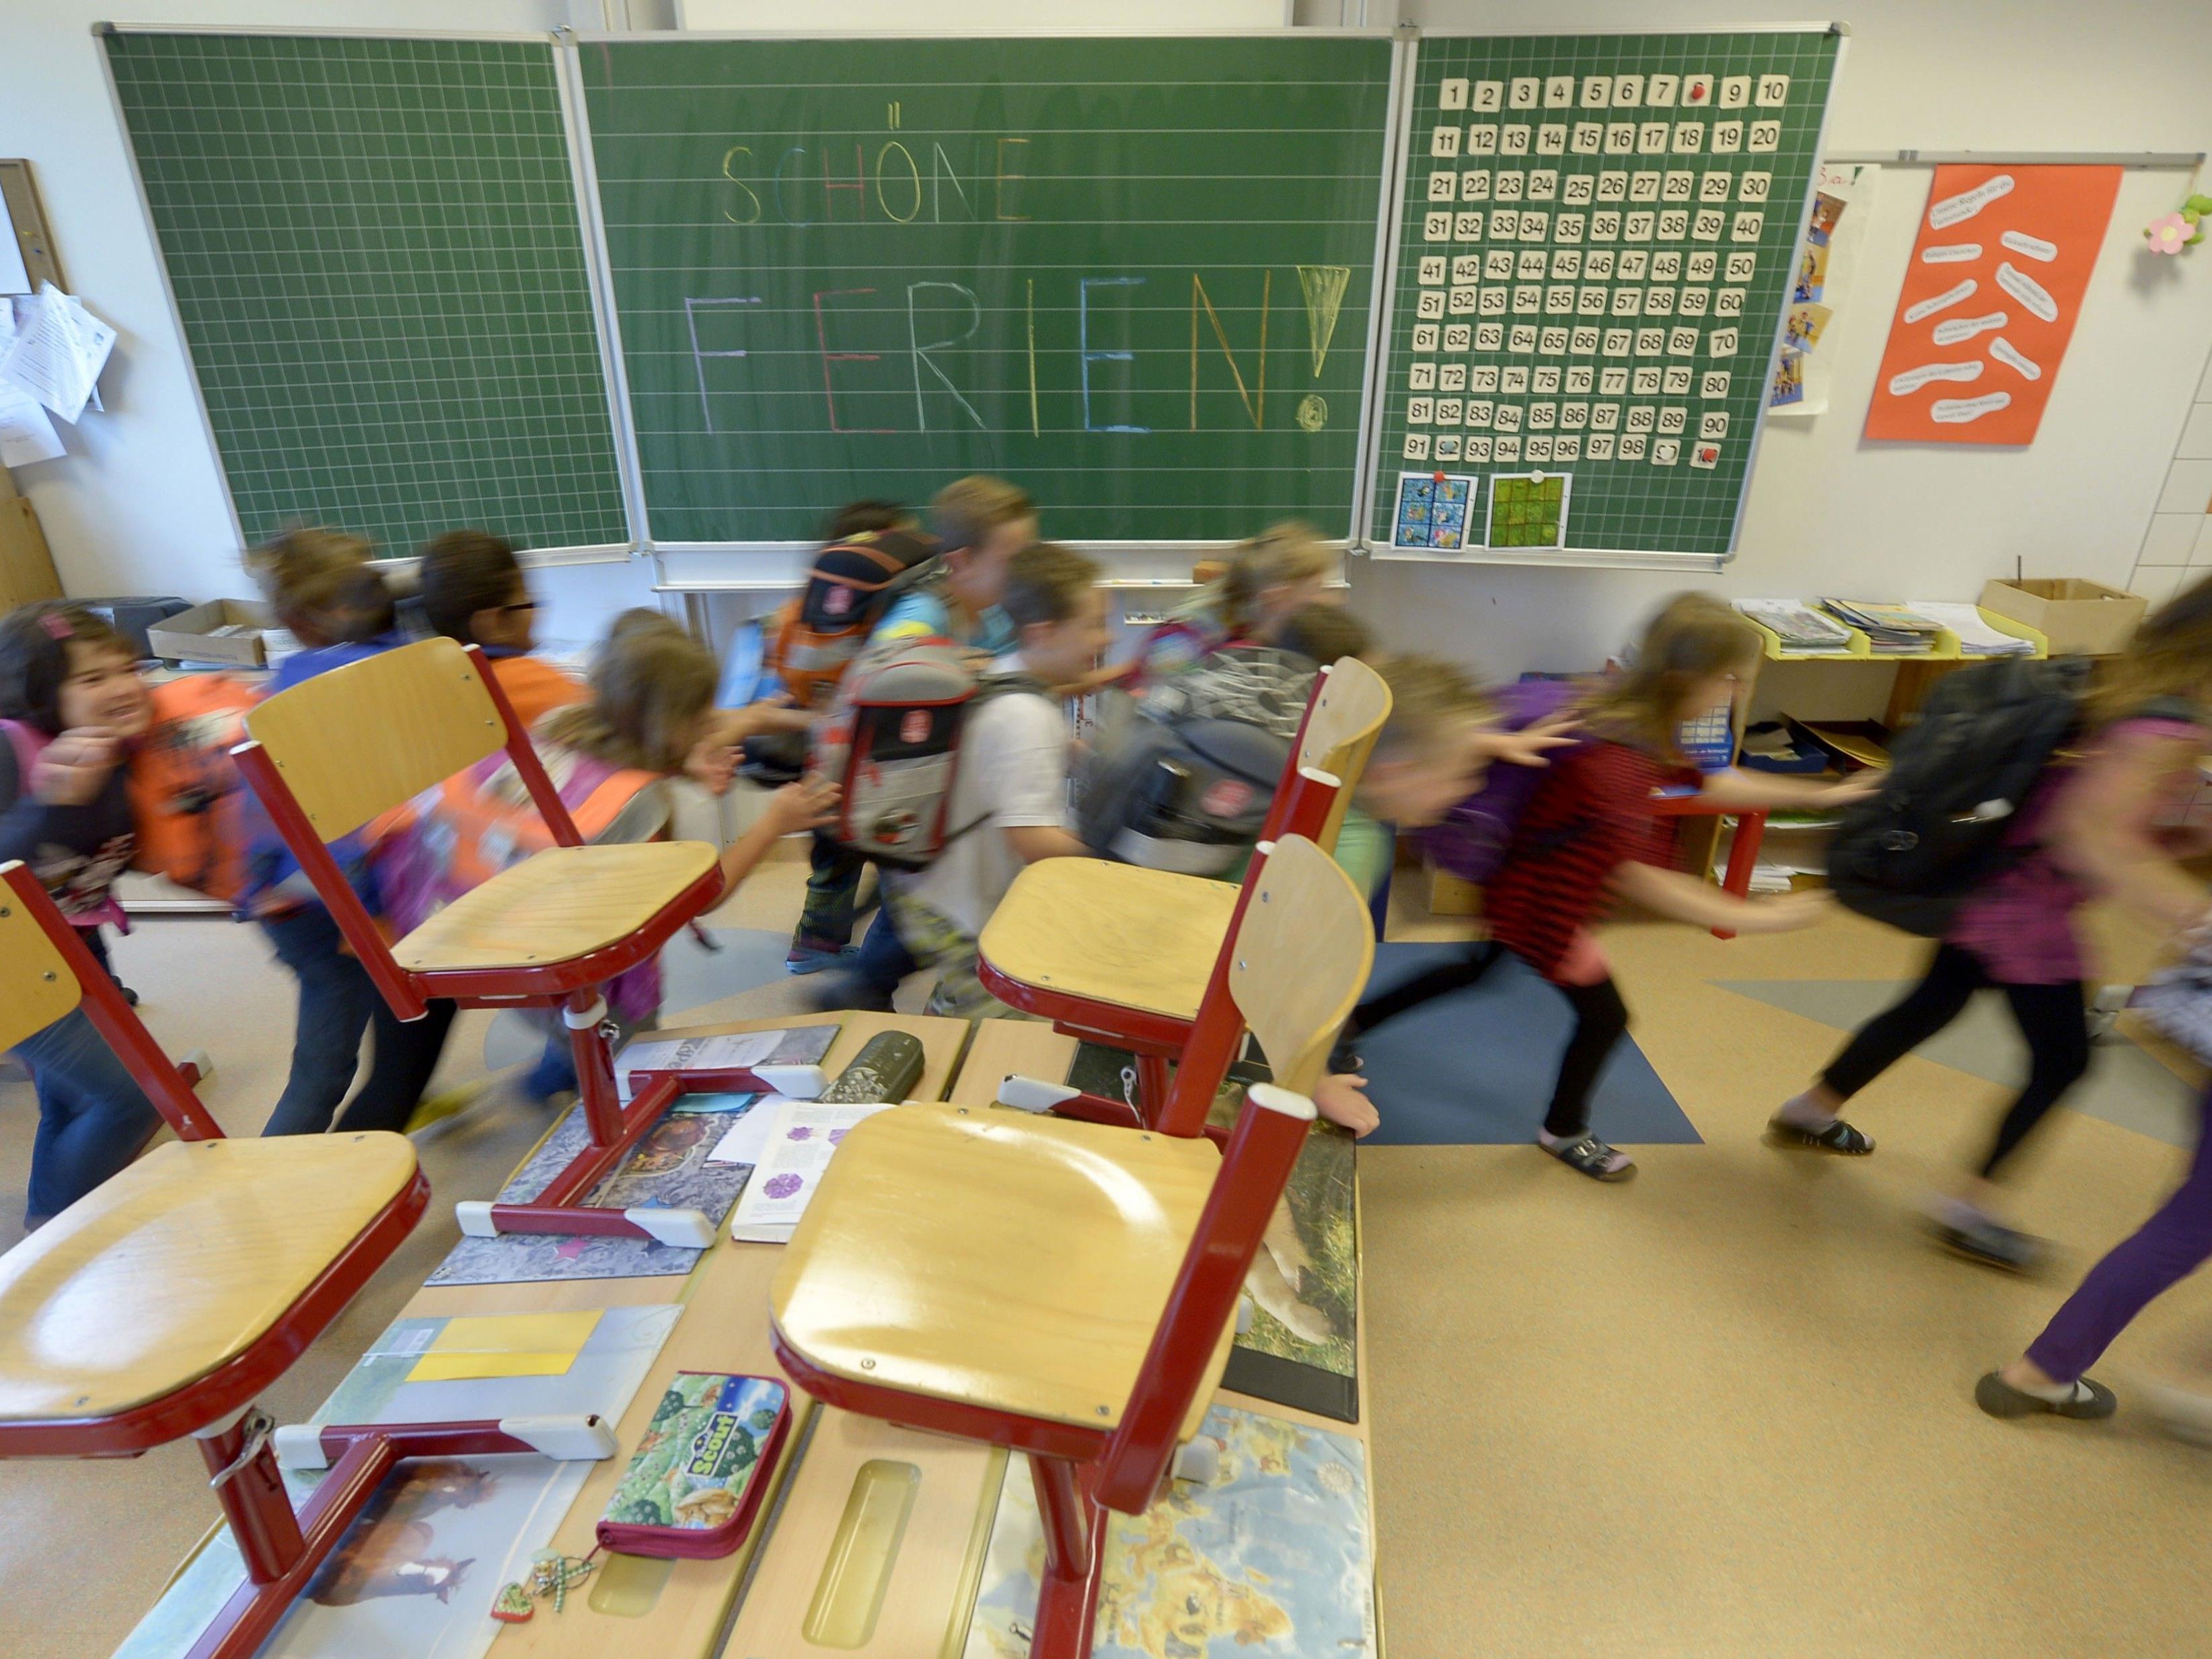 Es ist Schulschluss: Schülerinnen und Schüler laufen aus den Klassen